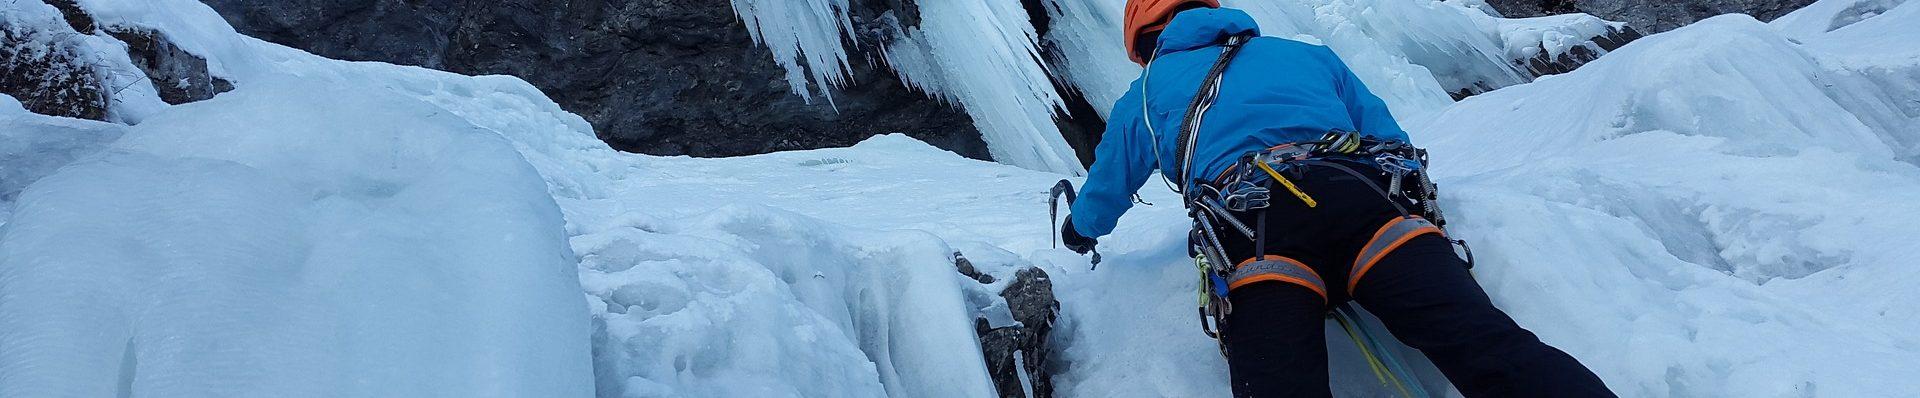 ice-climbing-3166077_1920